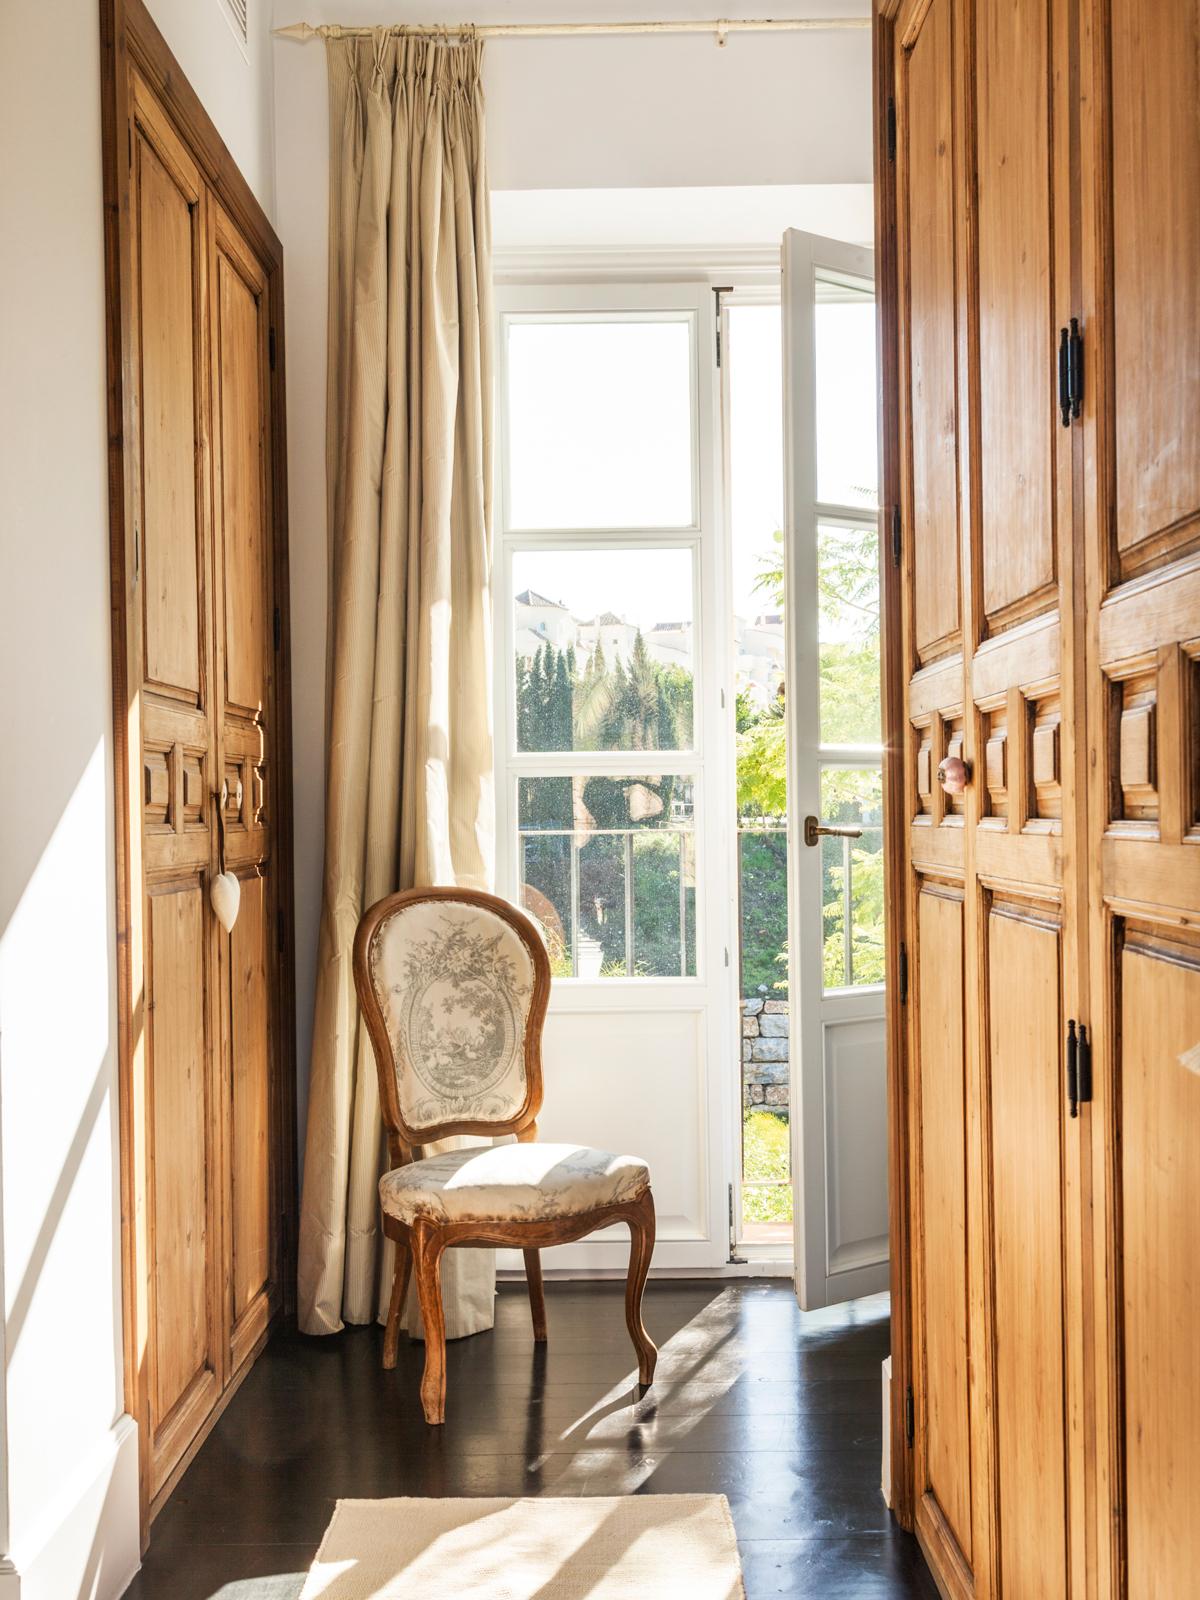 76def7026d16 Vestidor con puertas de madera antiguas, silla y ventana (00424488).  Vestidor.